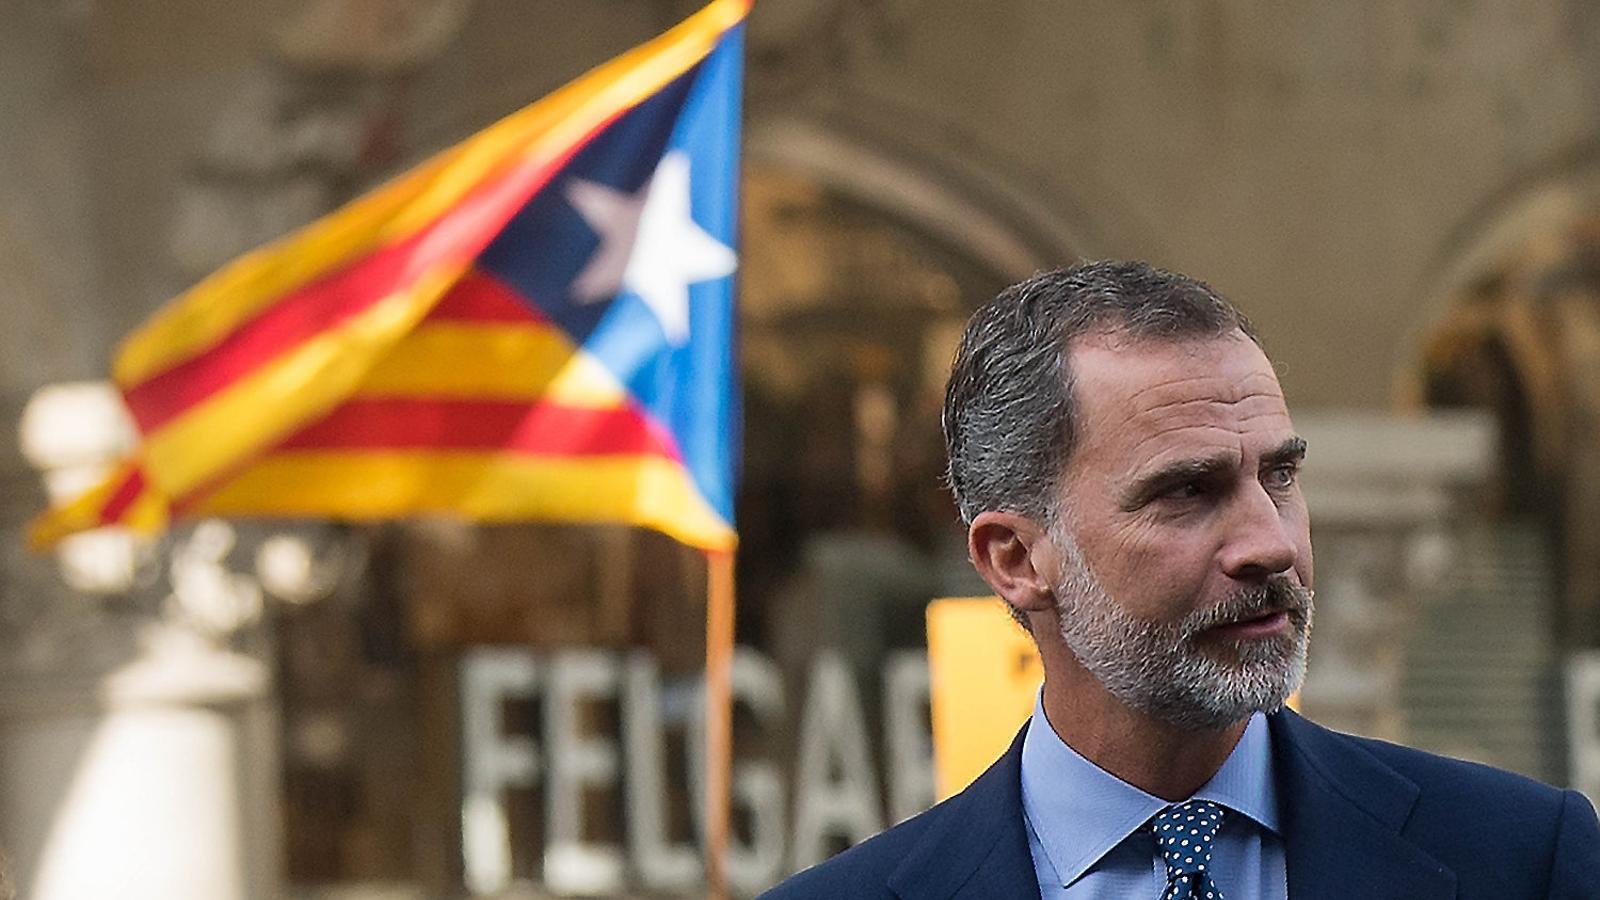 Felip VI visitarà Catalunya el 25 de febrer per primera vegada després de l'1-O